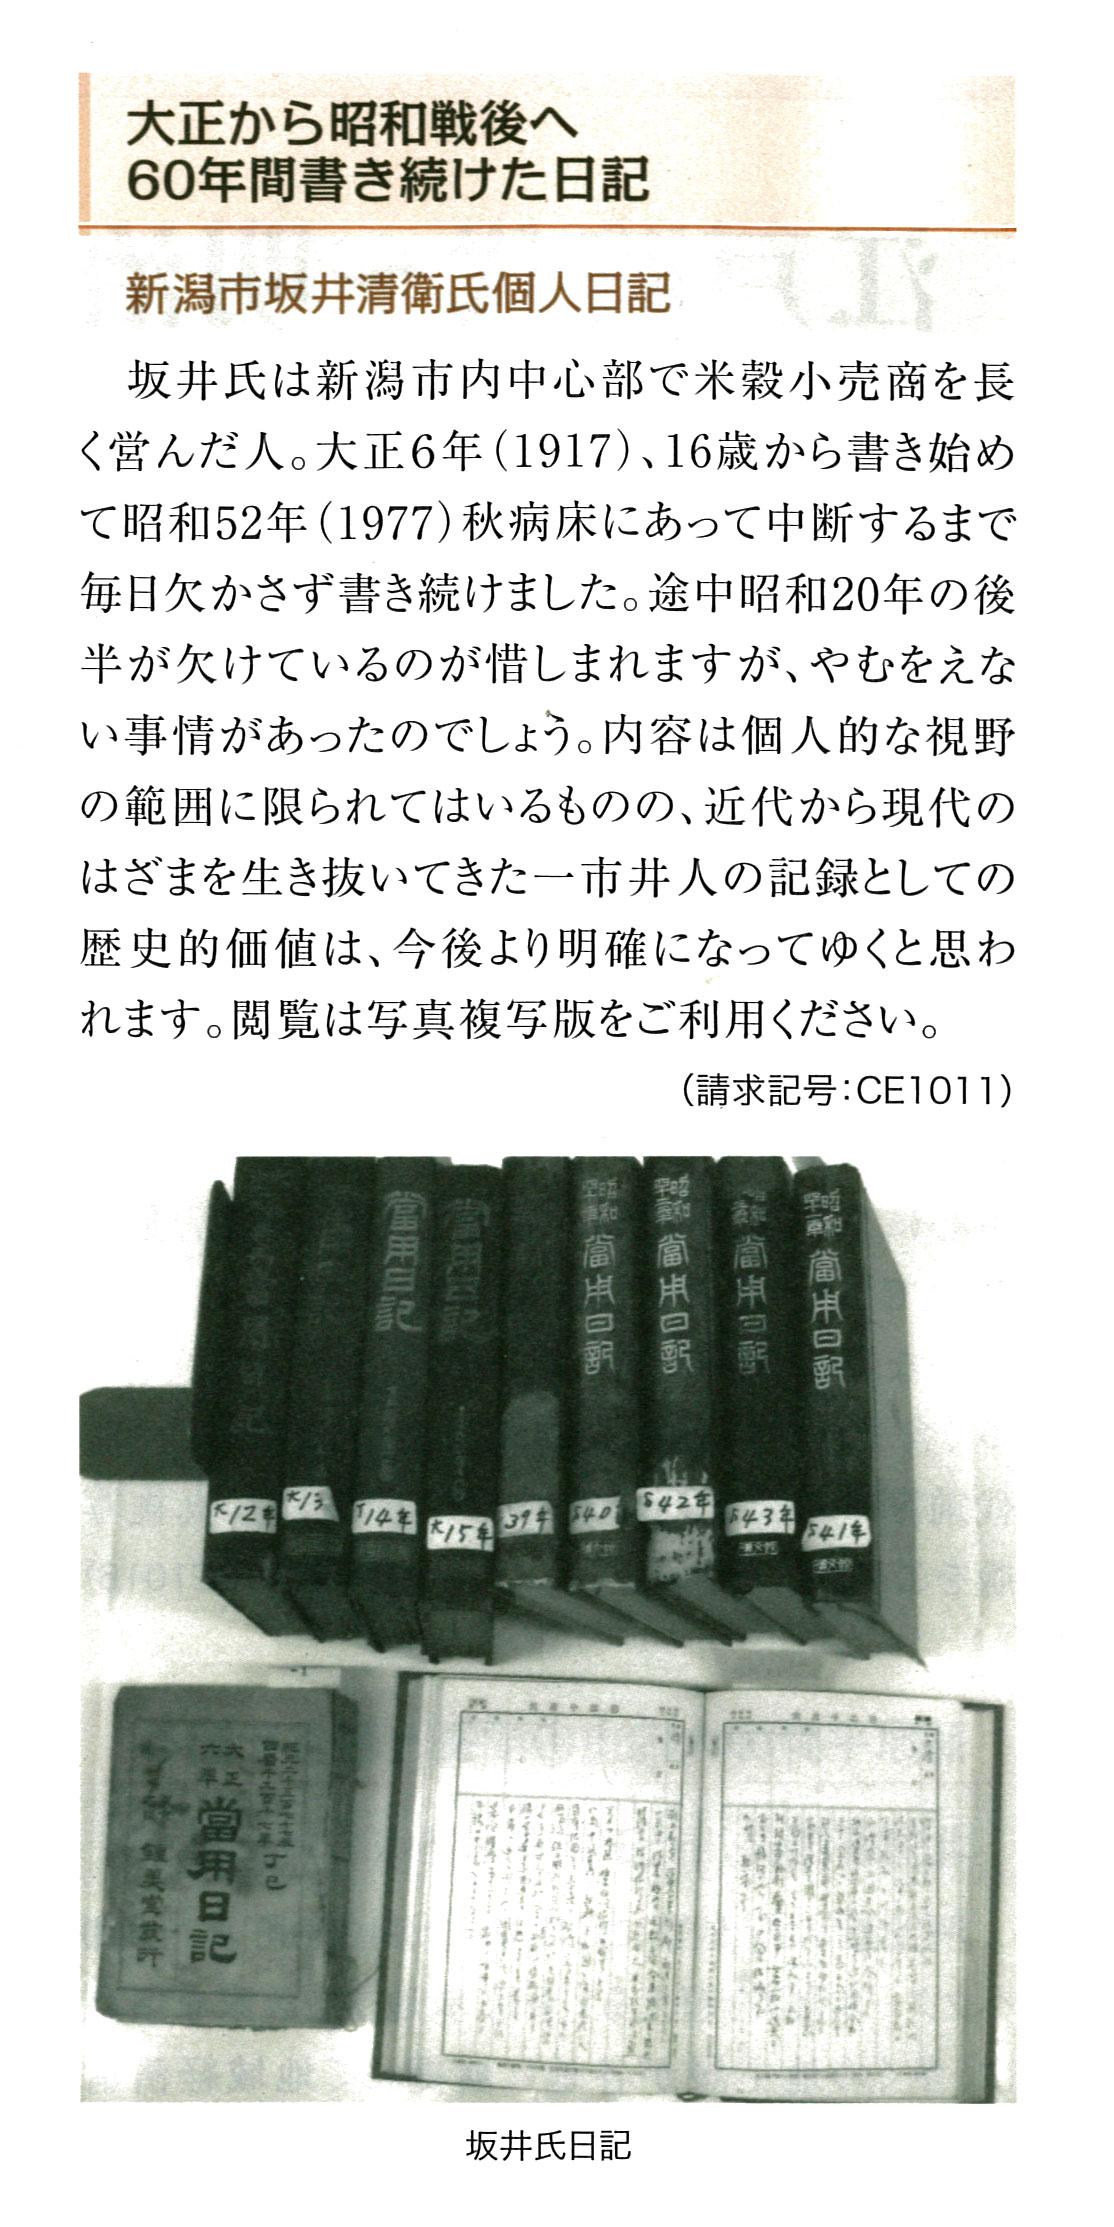 大正から60年間書き続けた日記、新潟市坂井清衛個人日記_d0178825_1563626.jpg